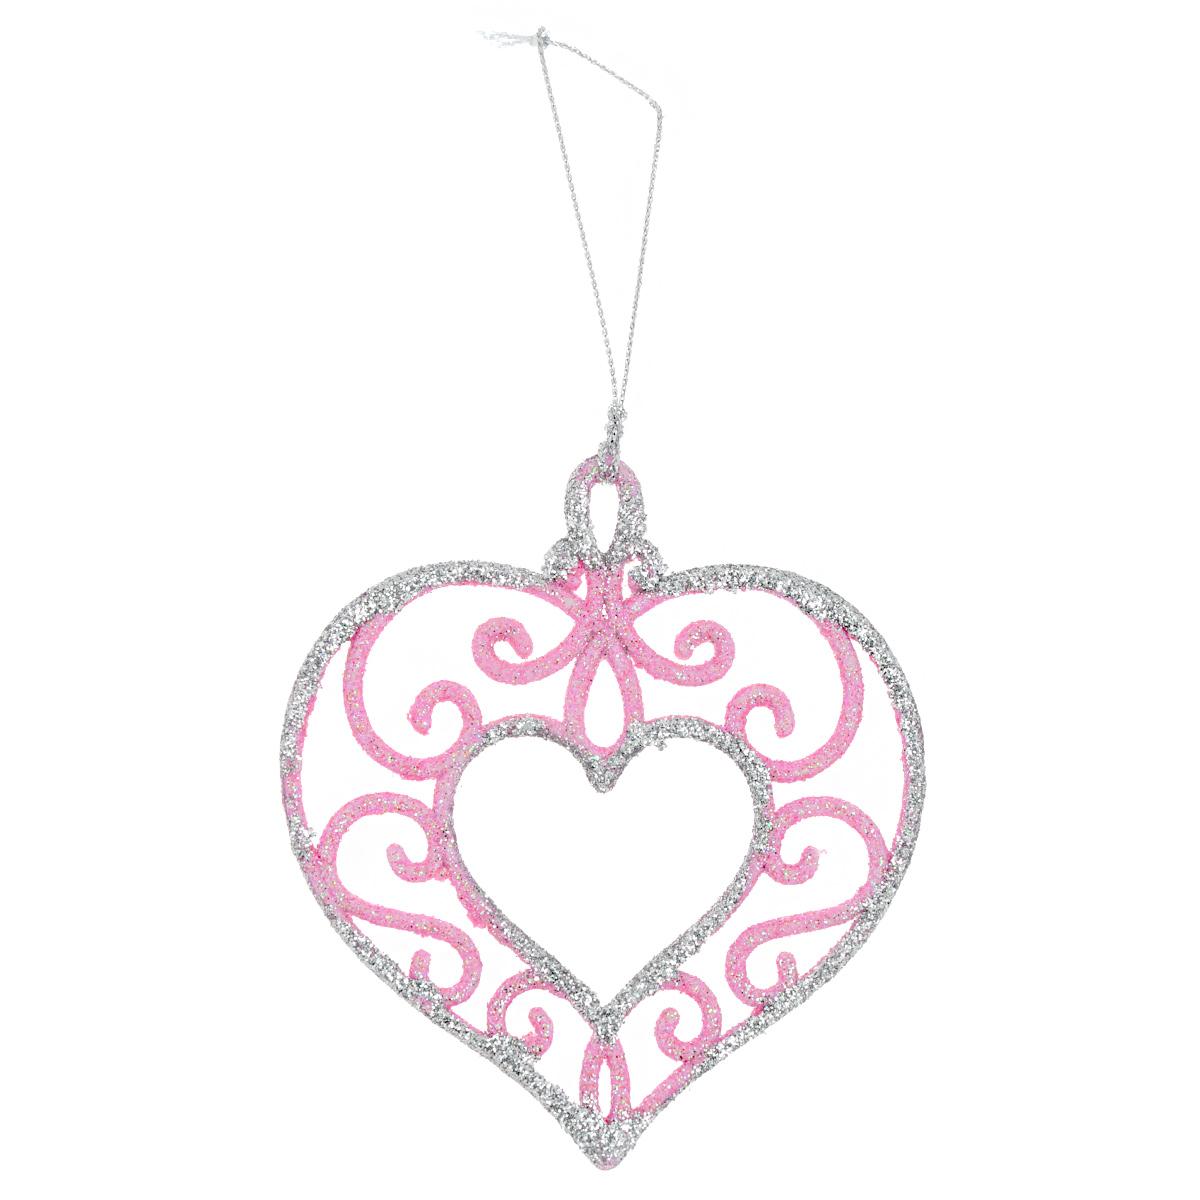 Новогоднее подвесное украшение Сердце розовое с серебром. 3500535005